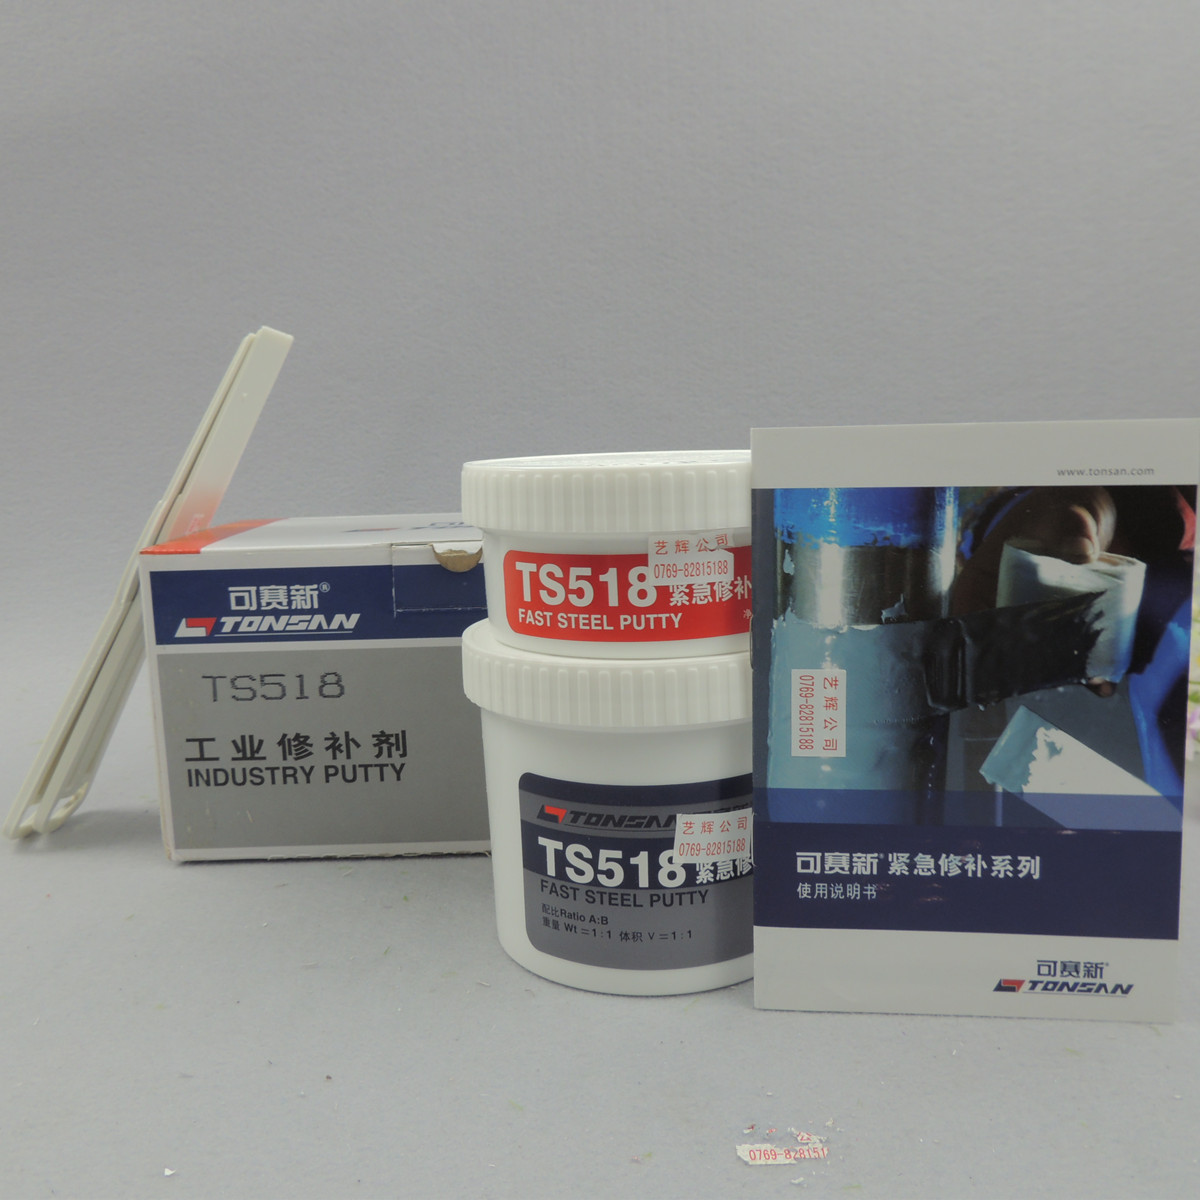 Tianshan, dringende reparatur agent neUe Kleber TS518 corsa, 5 minuten von Hoher festigkeit und zähigkeit Korrosion;